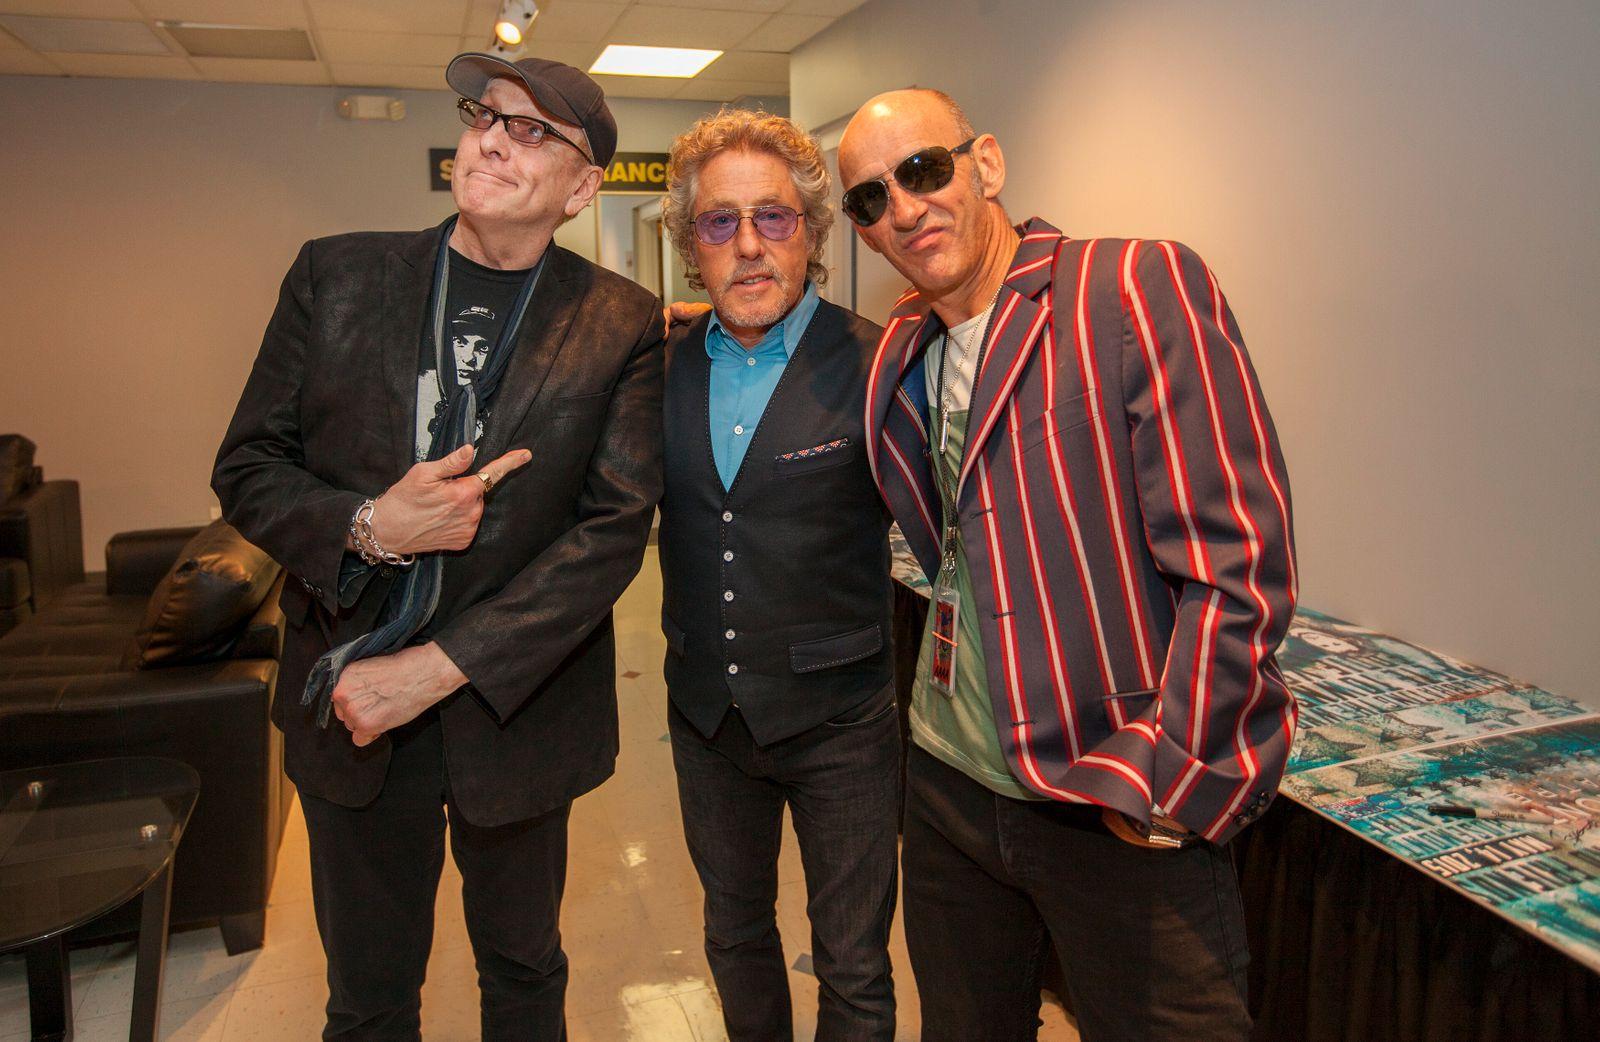 Pete Townshend - Rick Nielsen, Roger Daltrey, Simon Townshend